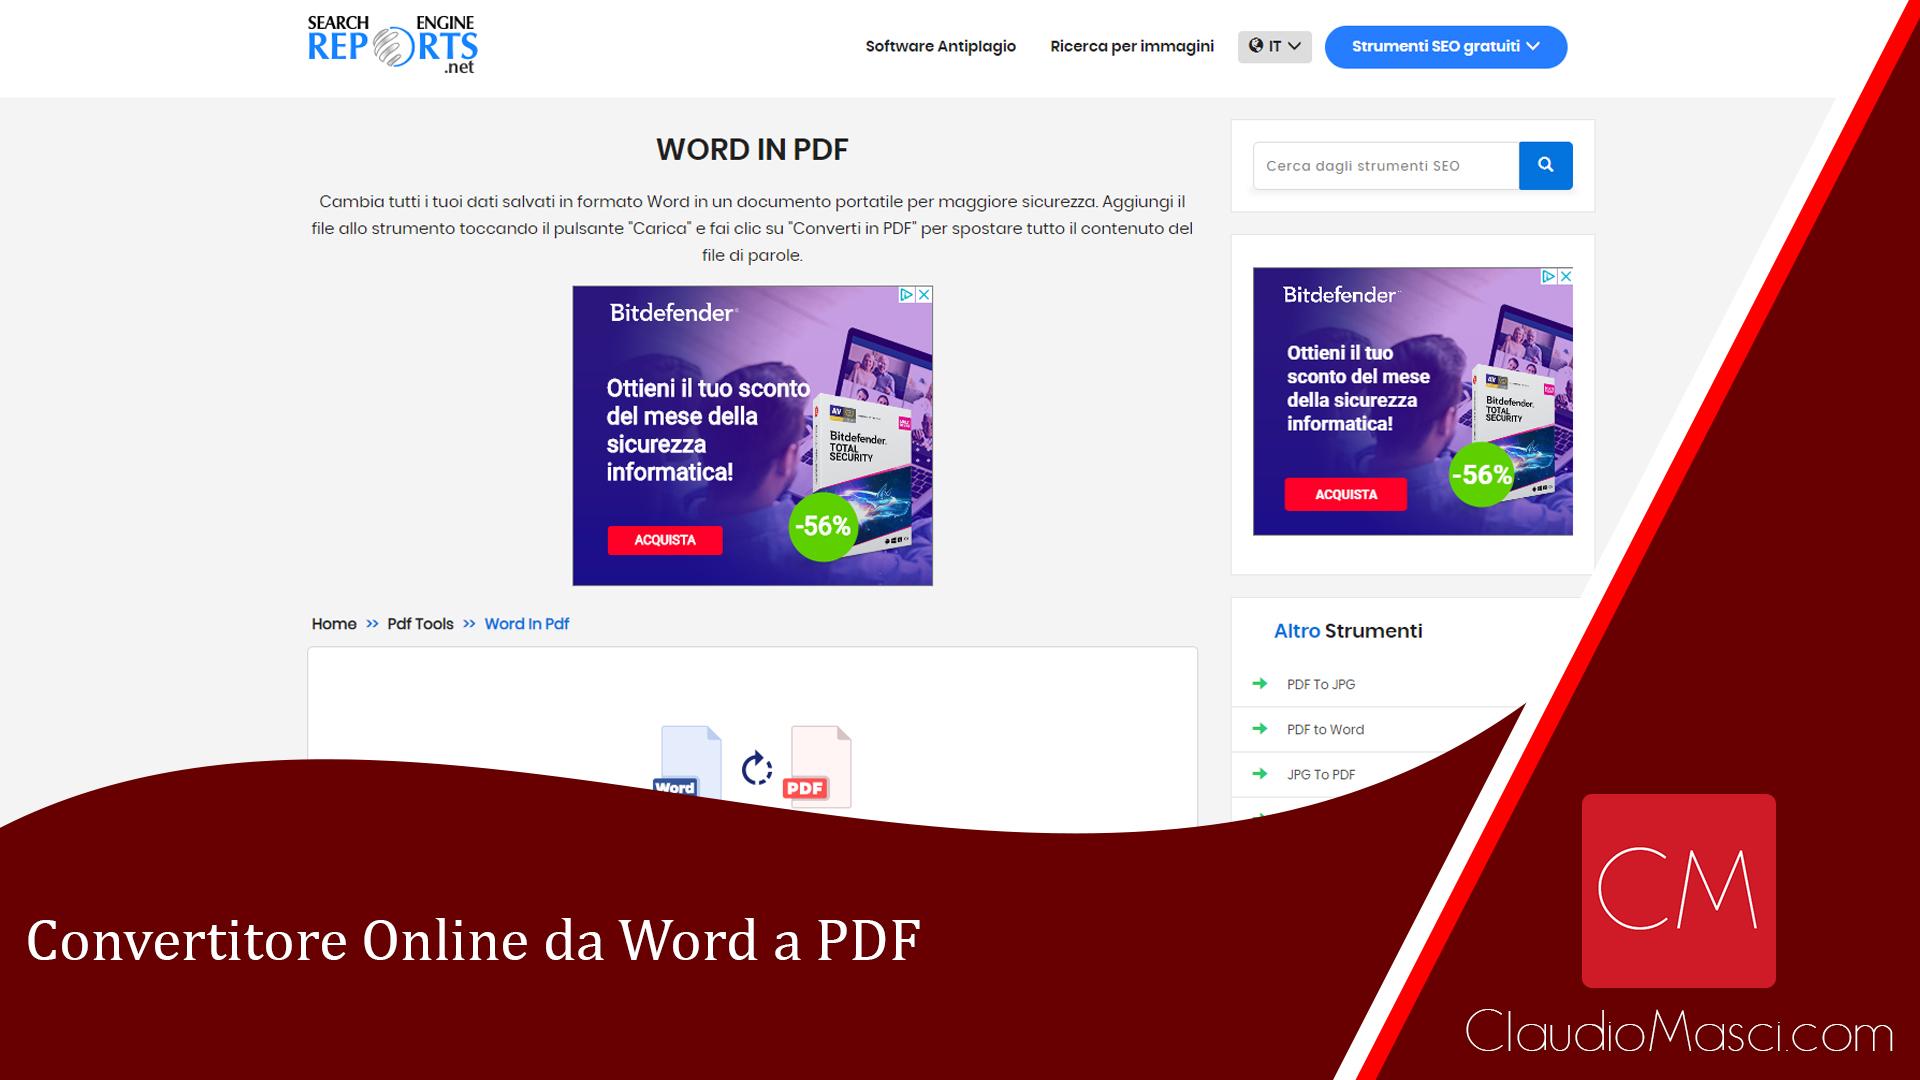 Convertitore Online da Word a PDF